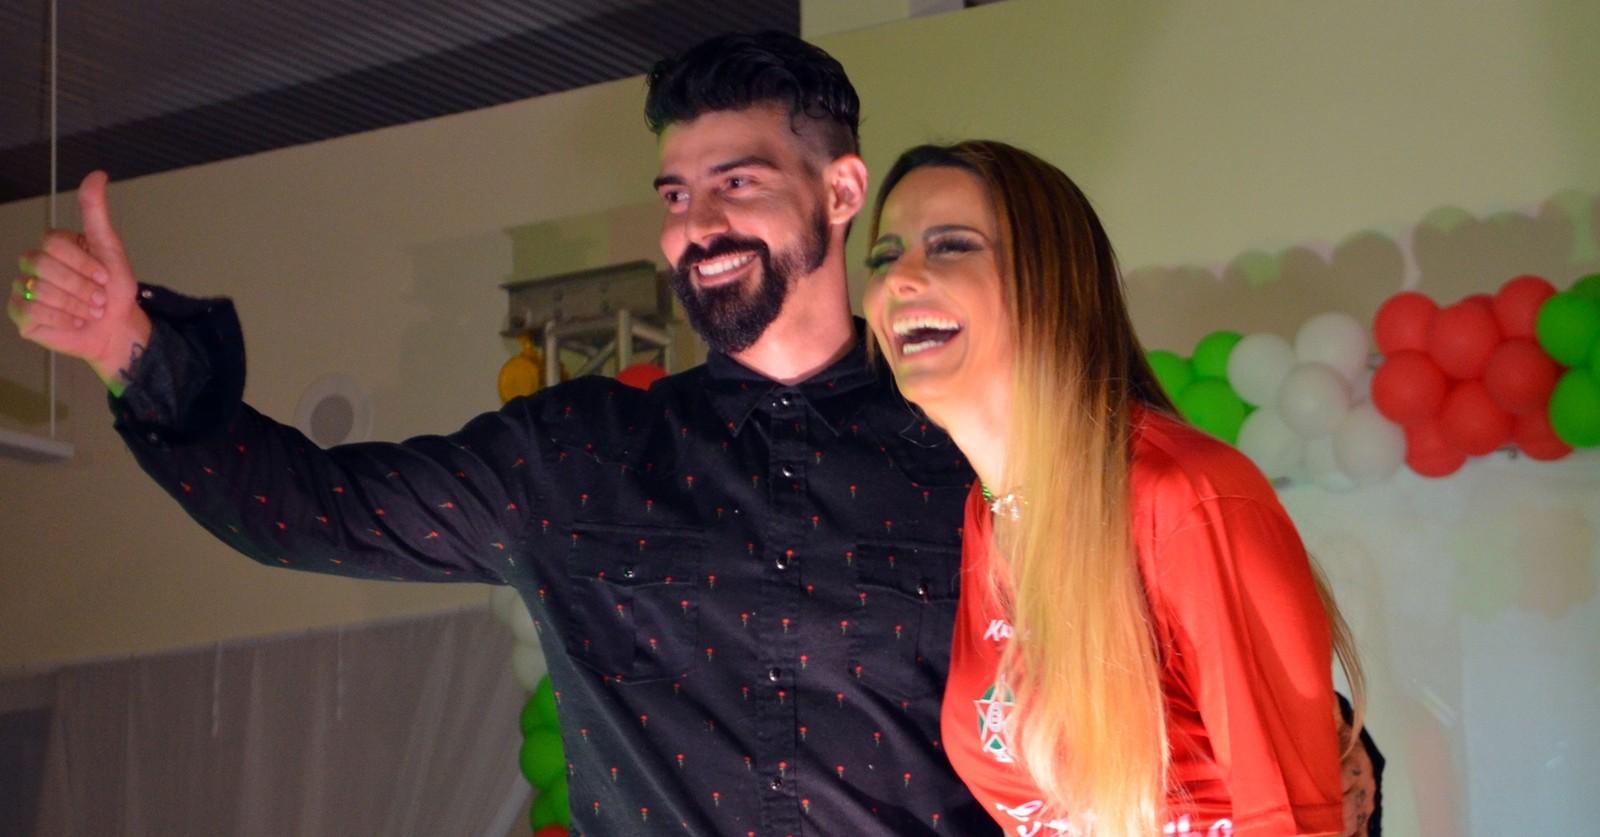 Vídeo: Radamés traiu Viviane e engravidou a amante